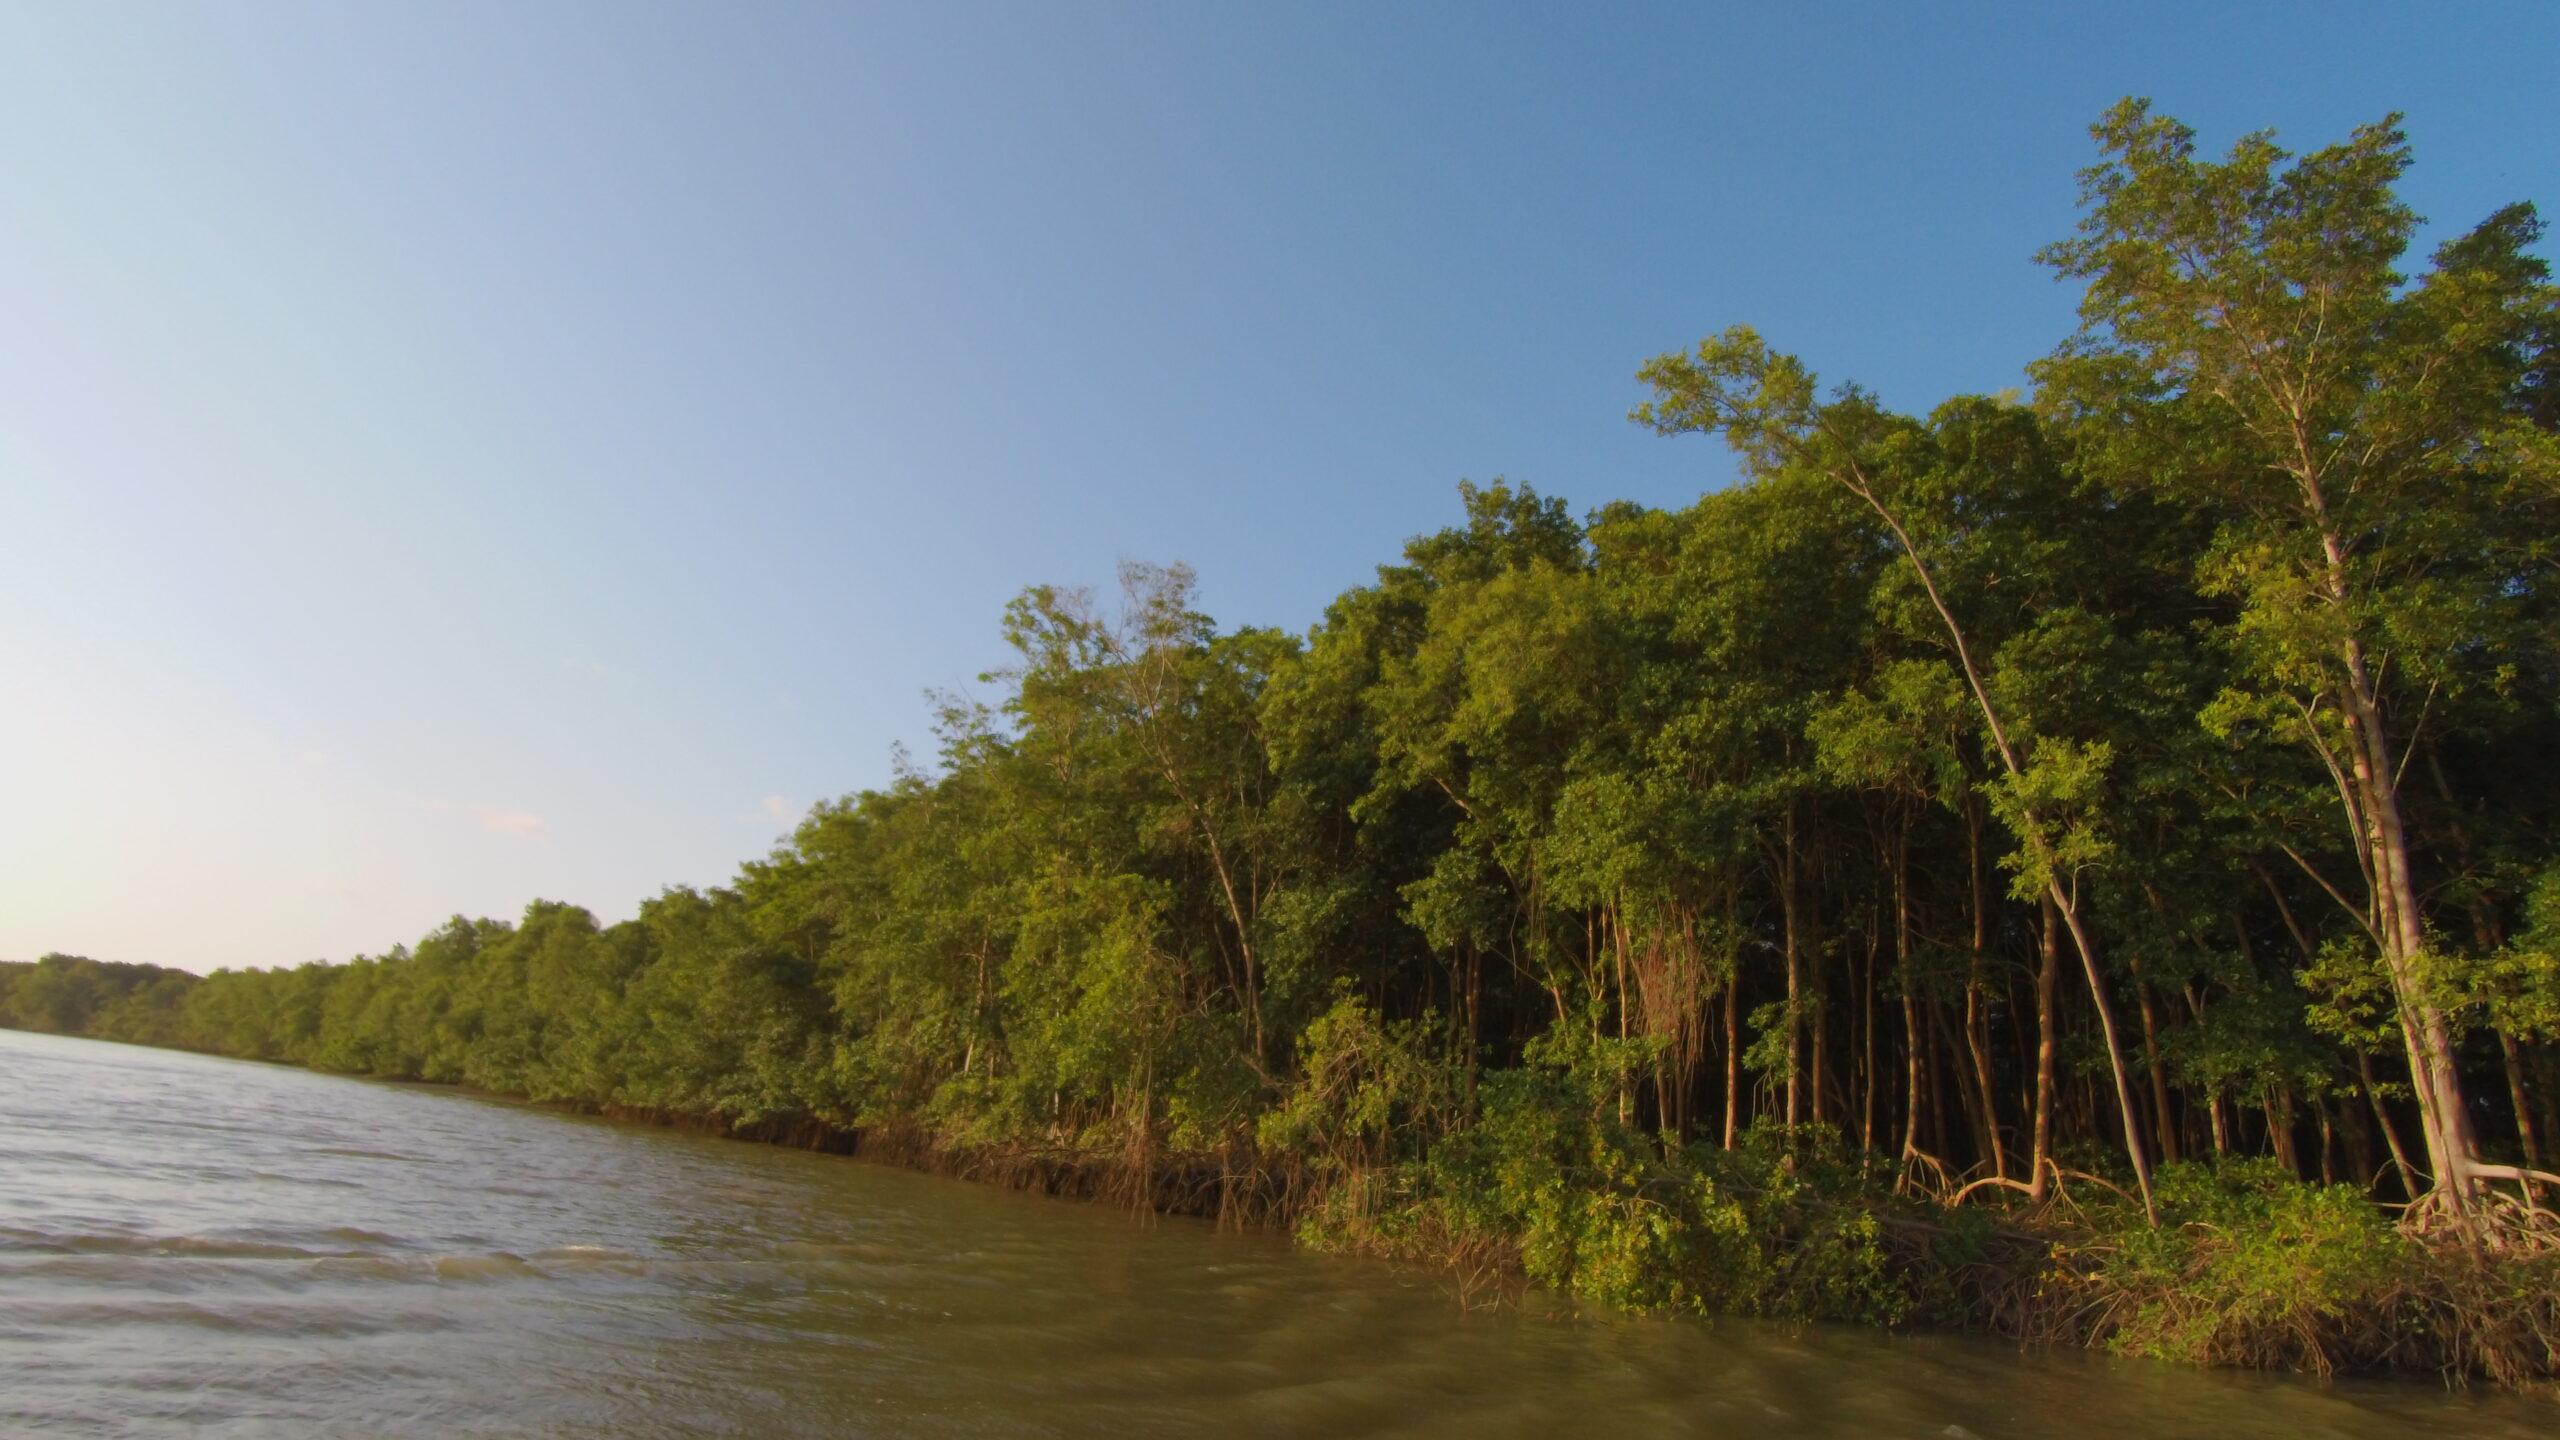 Estamos cuidando dos manguezais da Amazônia?